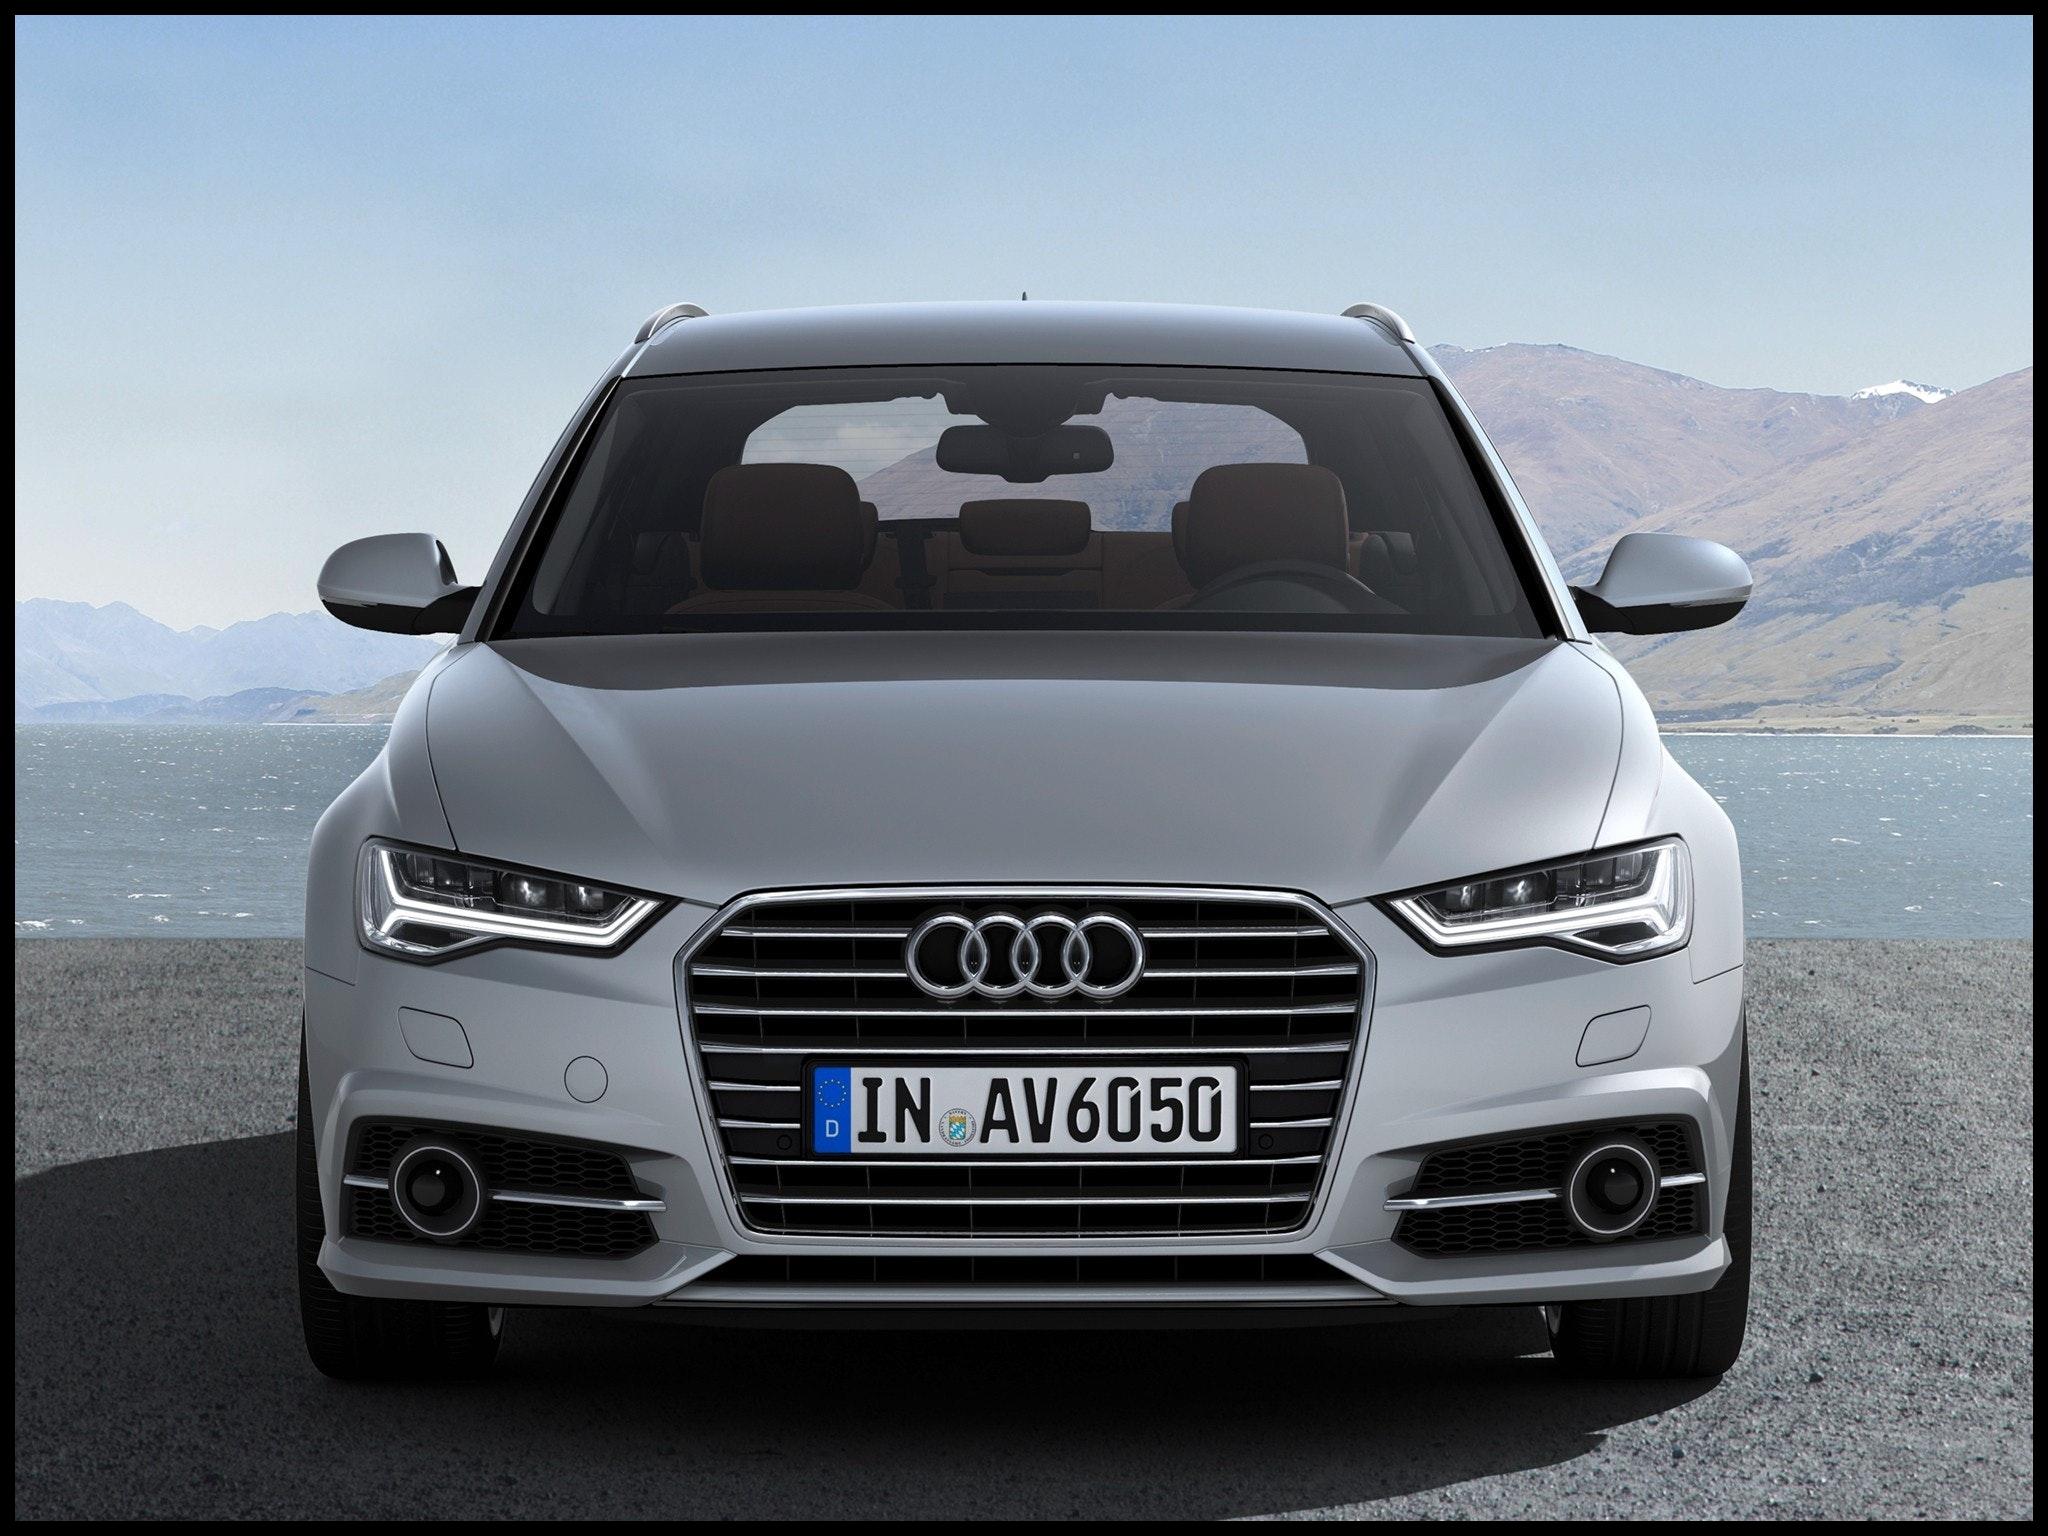 Audi Parent pany Unique Audi A6 Avant 2017 1600 0d Auto 2018 J 12 X O Ing